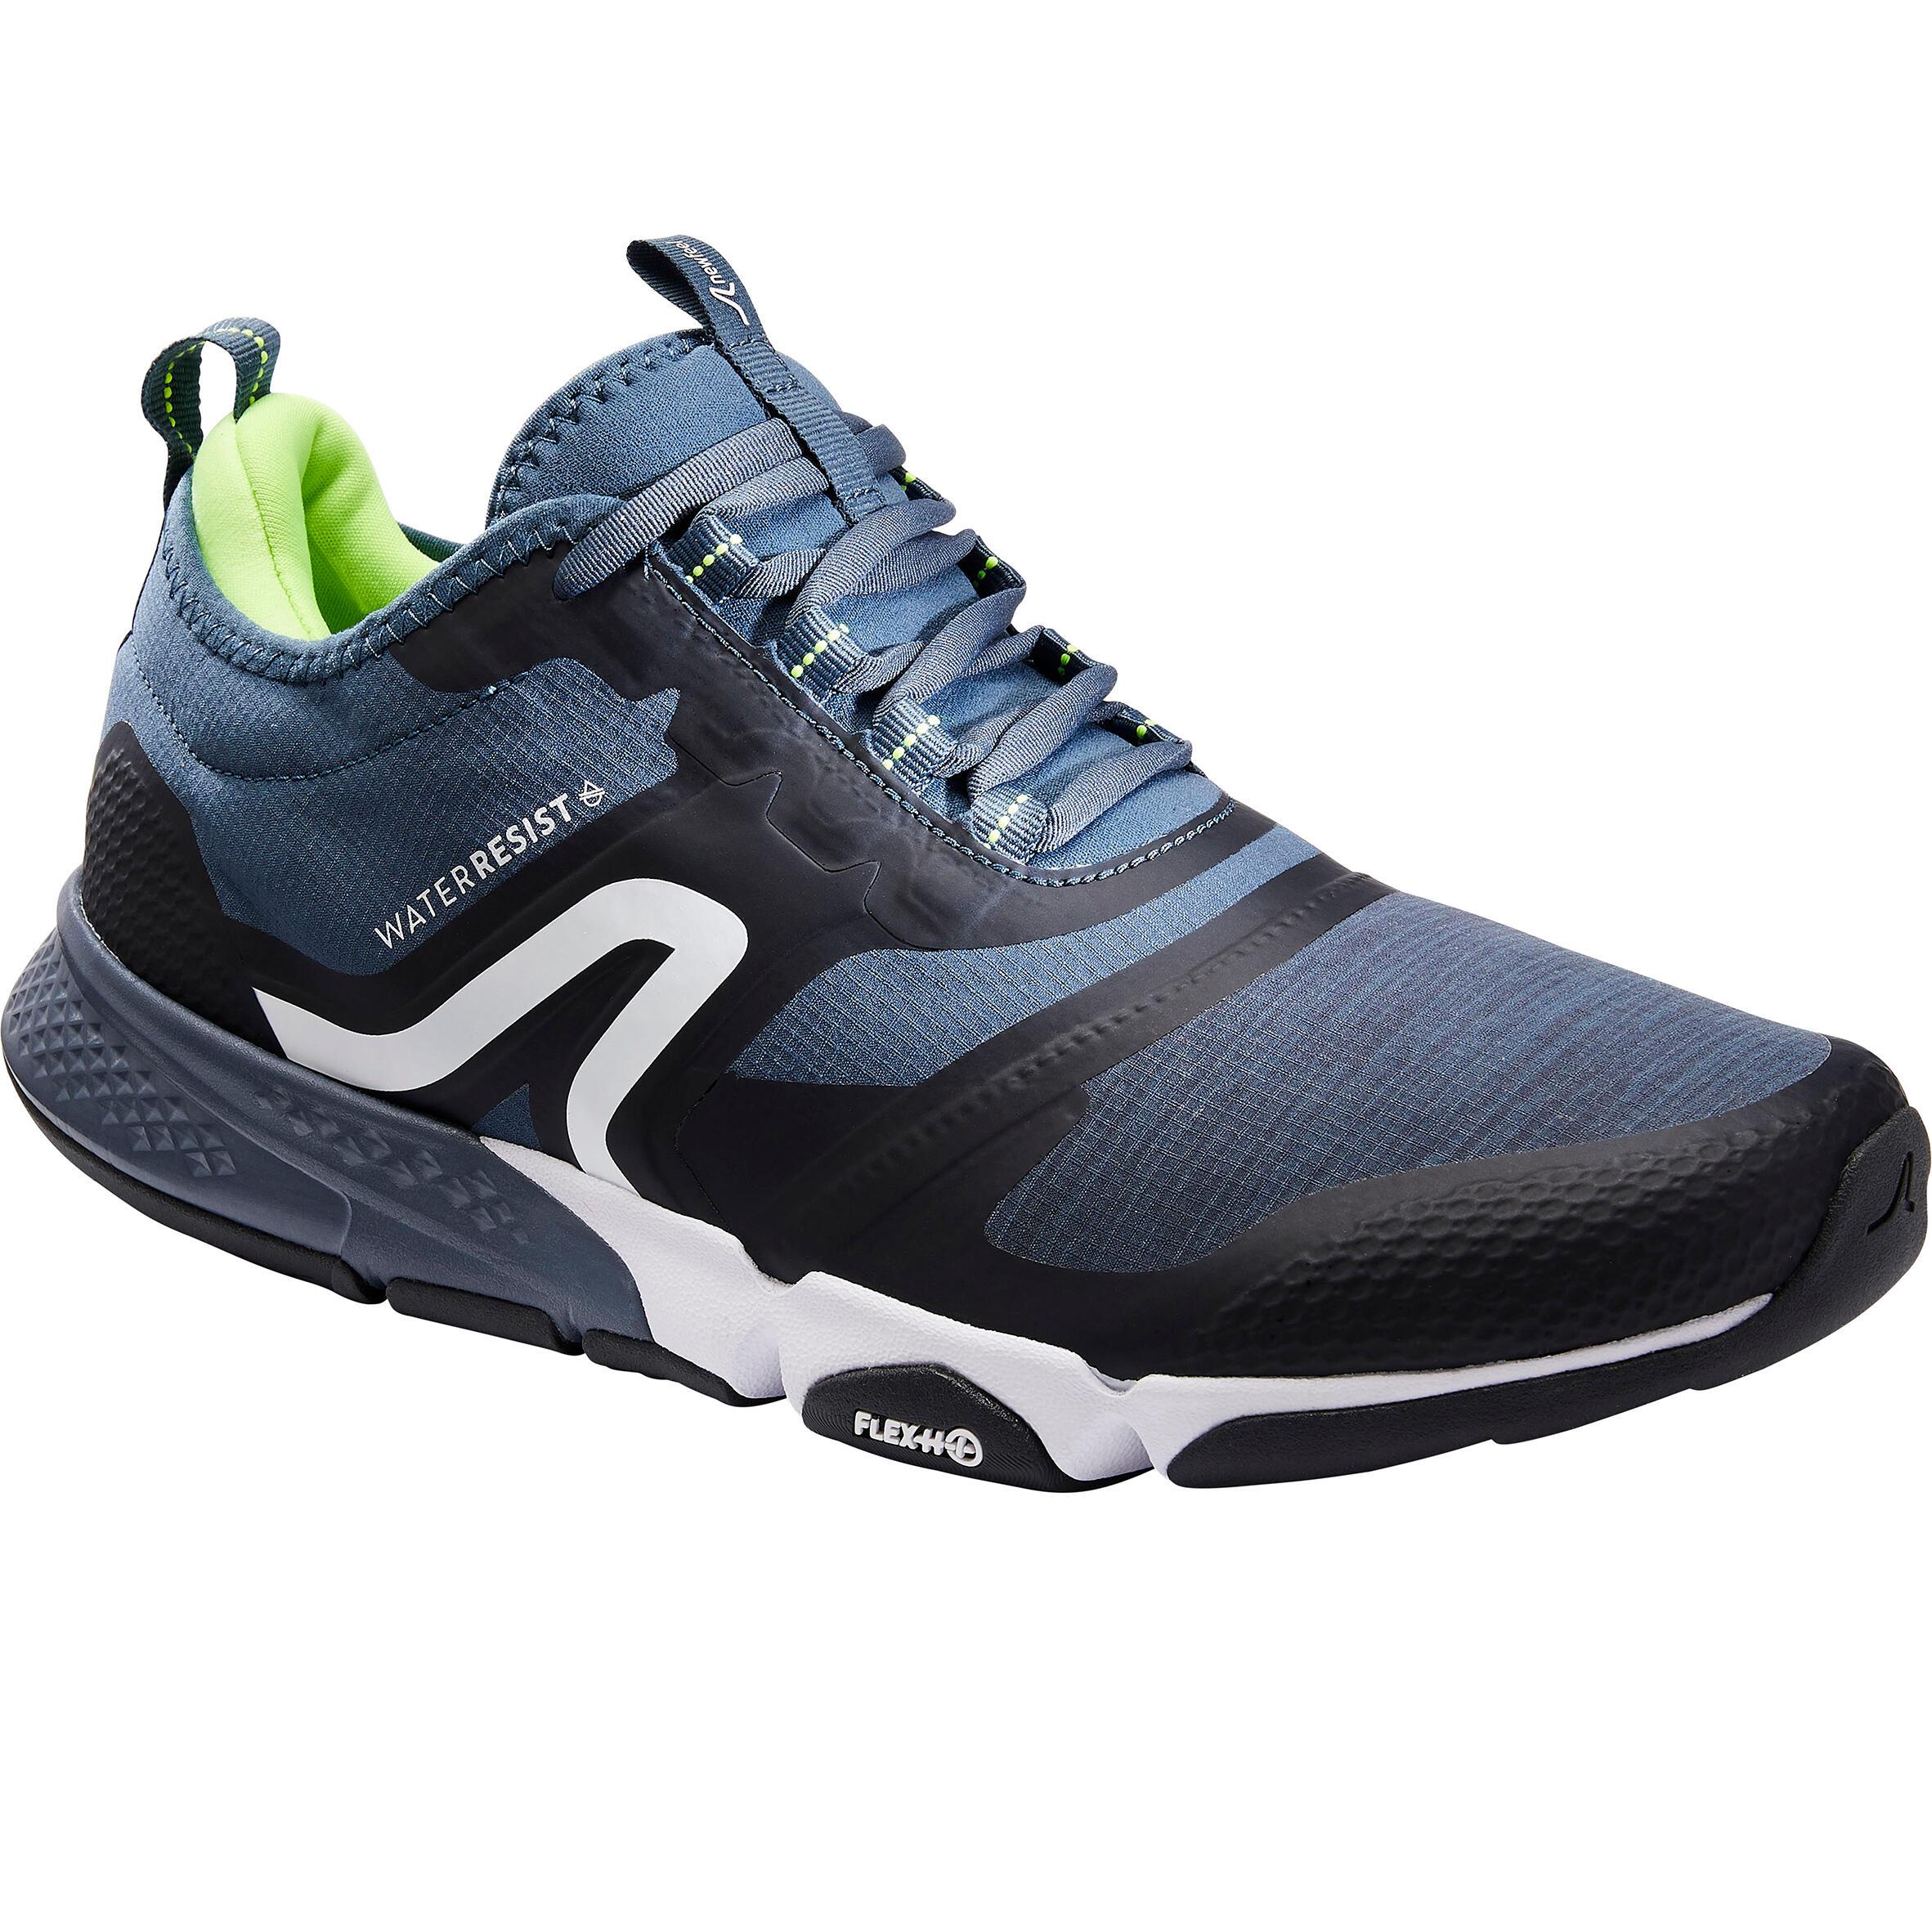 Newfeel Chaussures marche sportive homme PW 580 WaterResist bleu - Newfeel